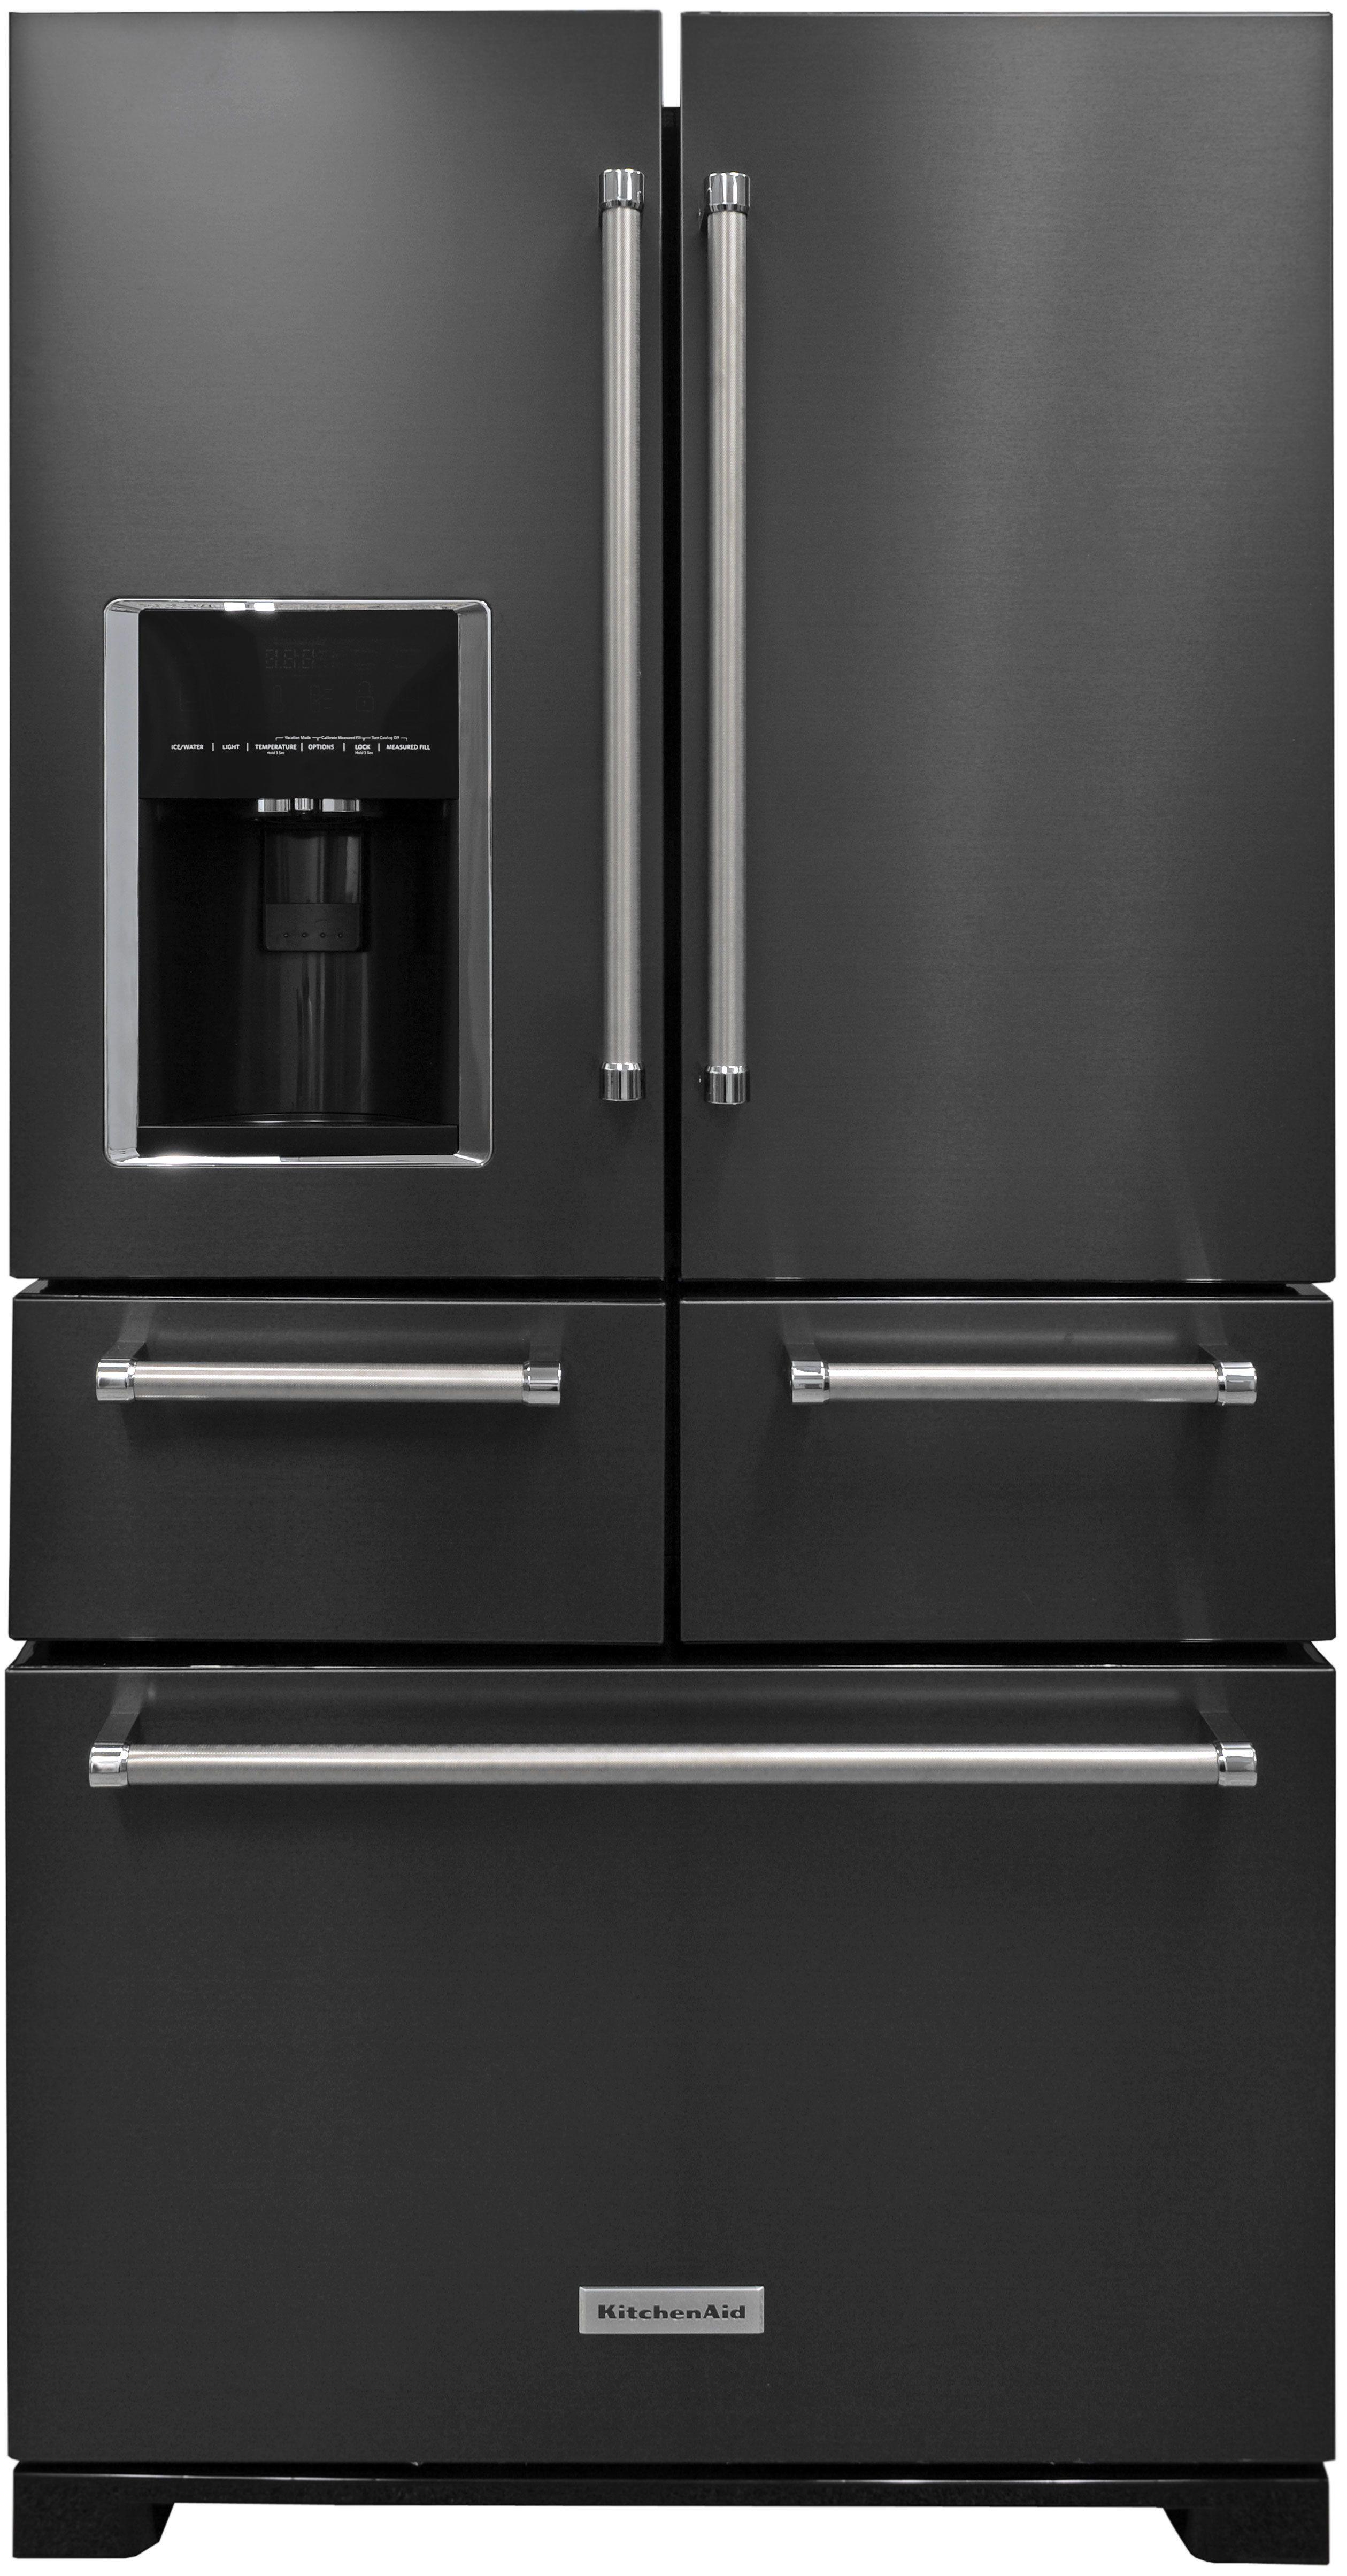 Exceptional KitchenAid KRMF706EBS Refrigerator Review. Black Stainless  SteelKitchenaidRefrigeratorsNew ...